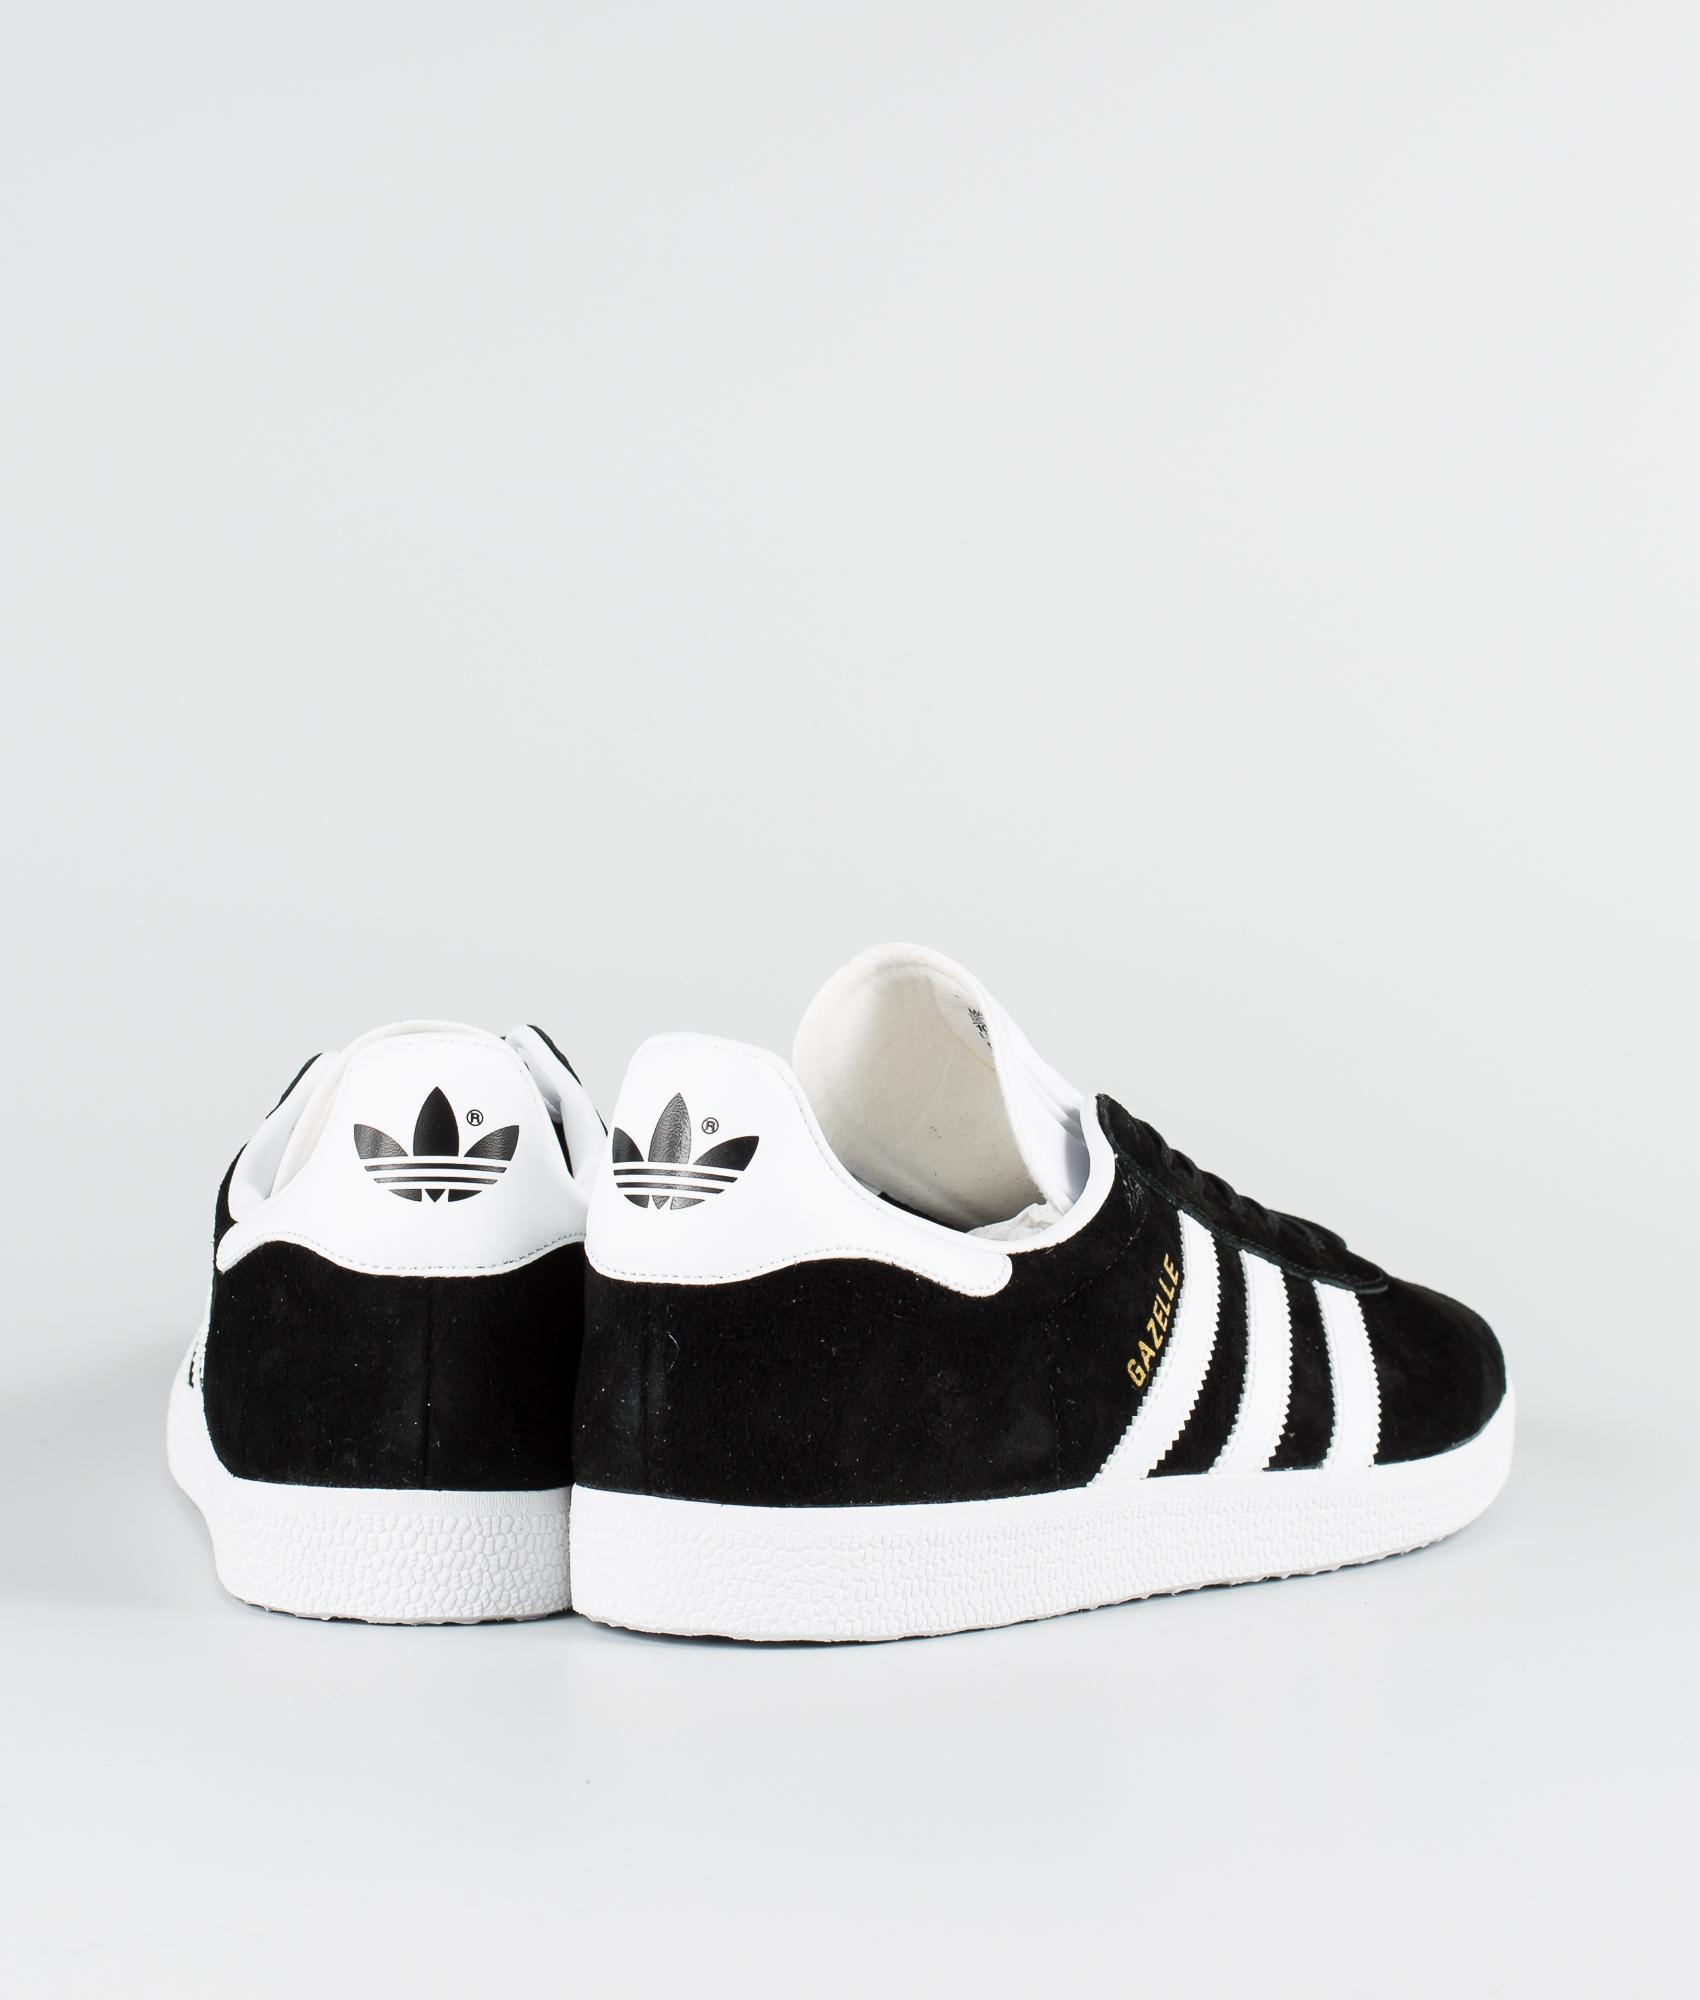 scarpe adidas originale